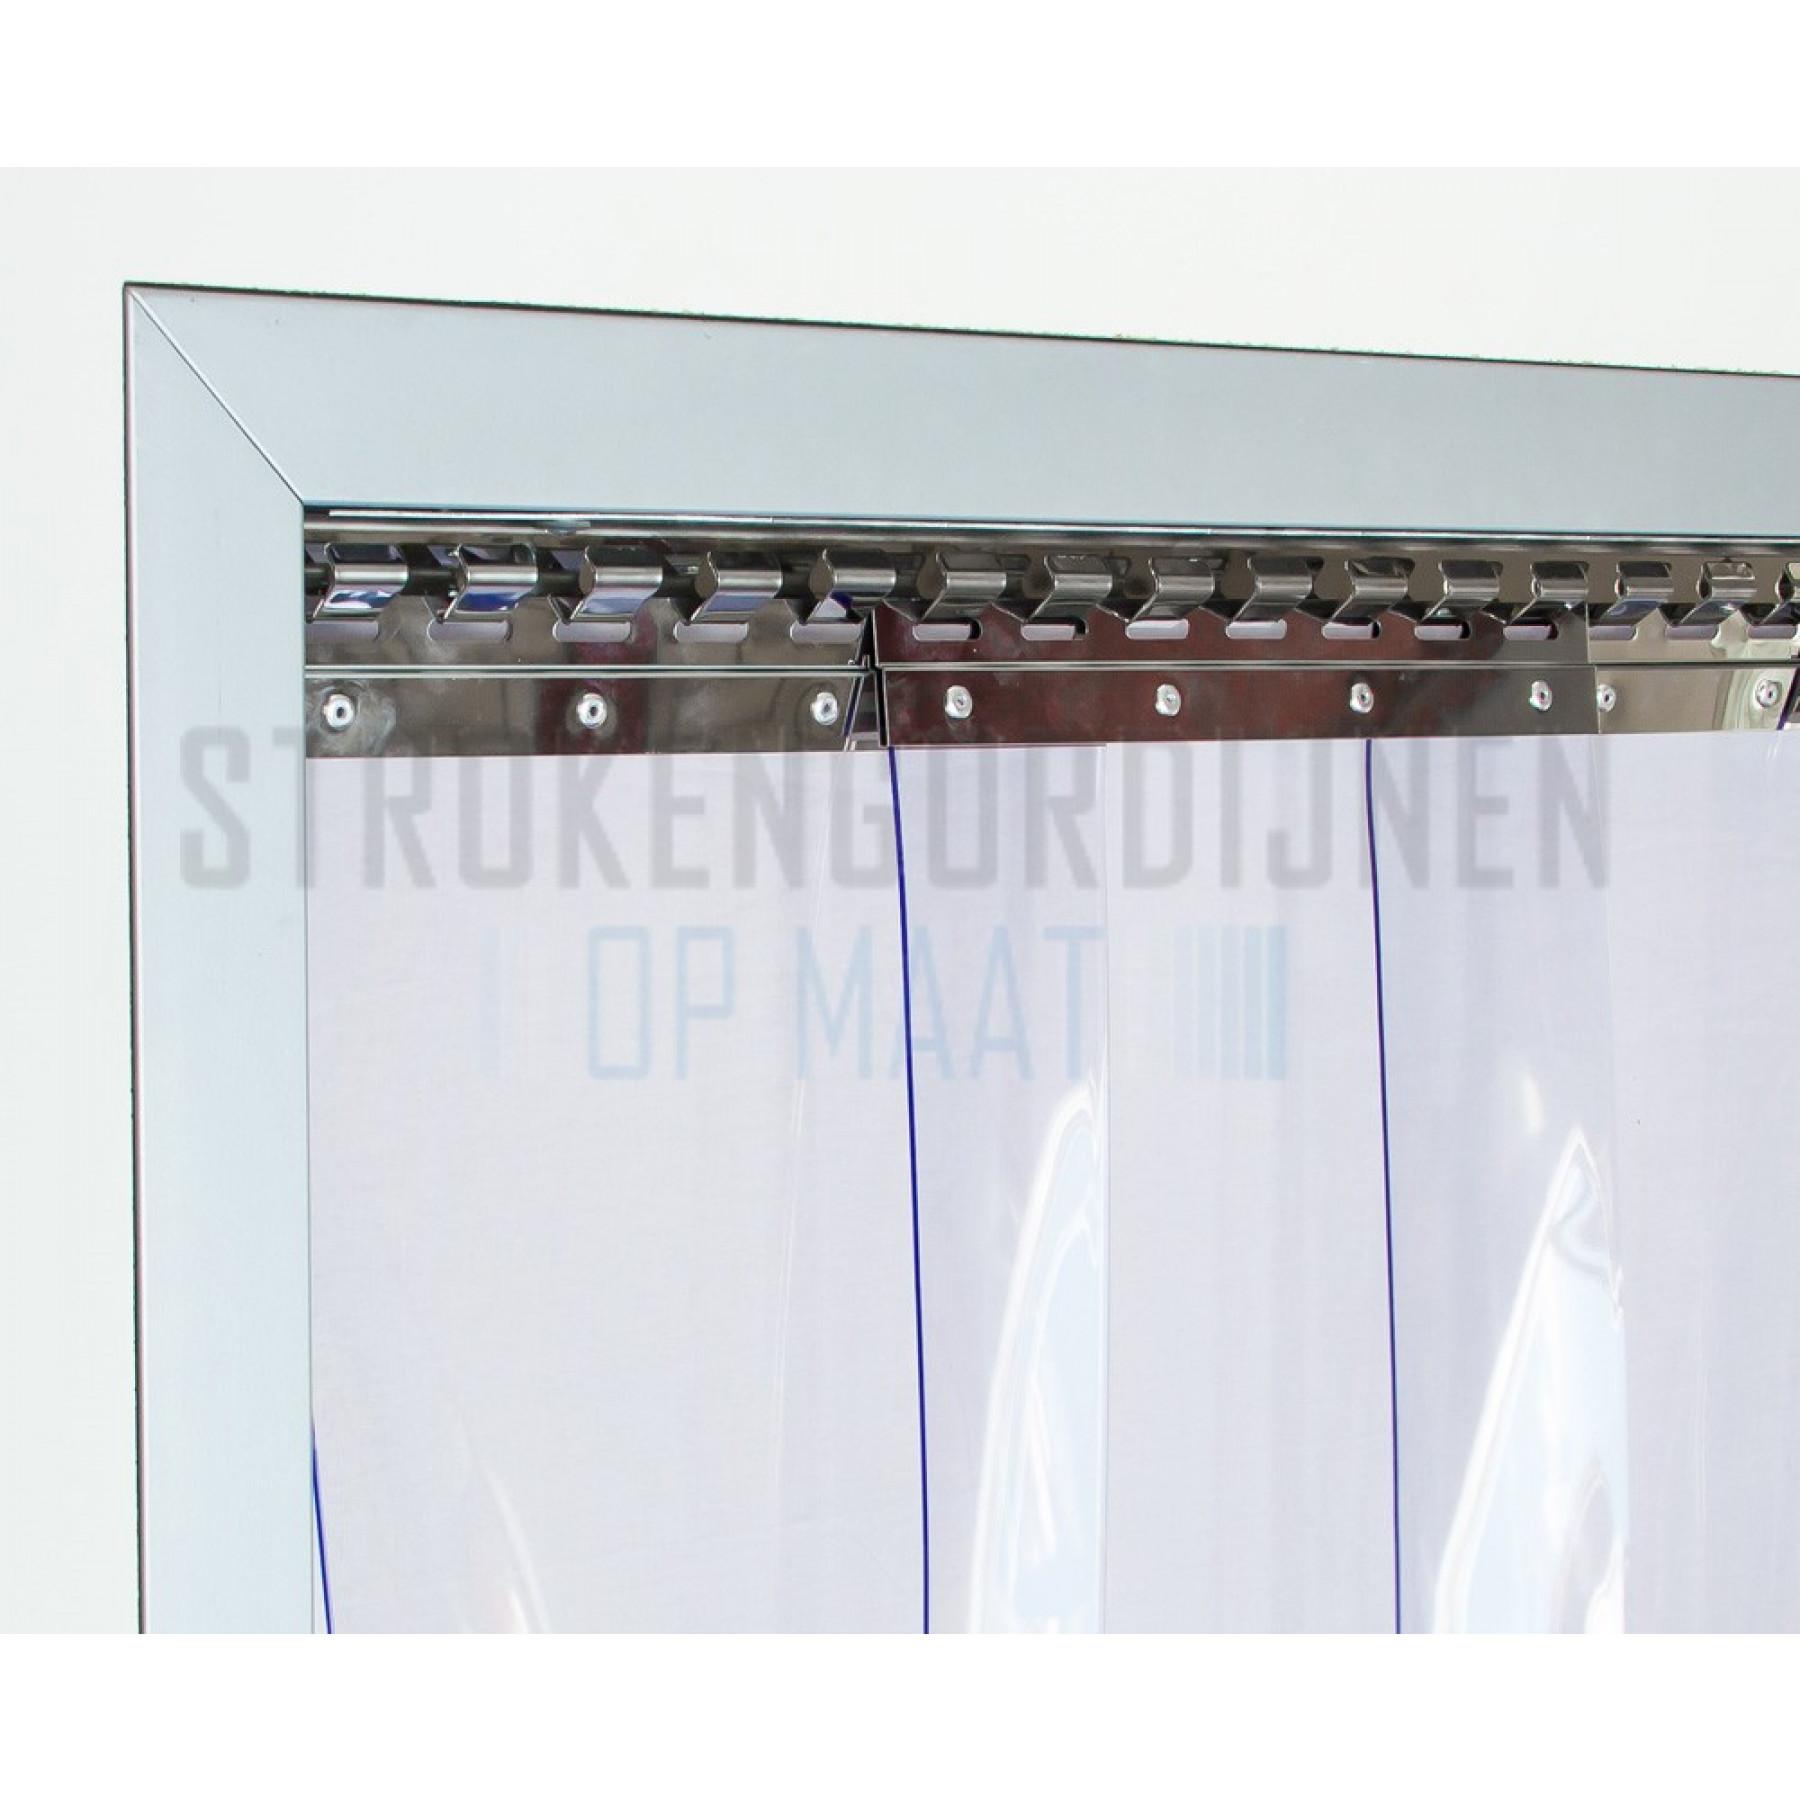 Klemstrook voor stroken van 300mm breed, RVS